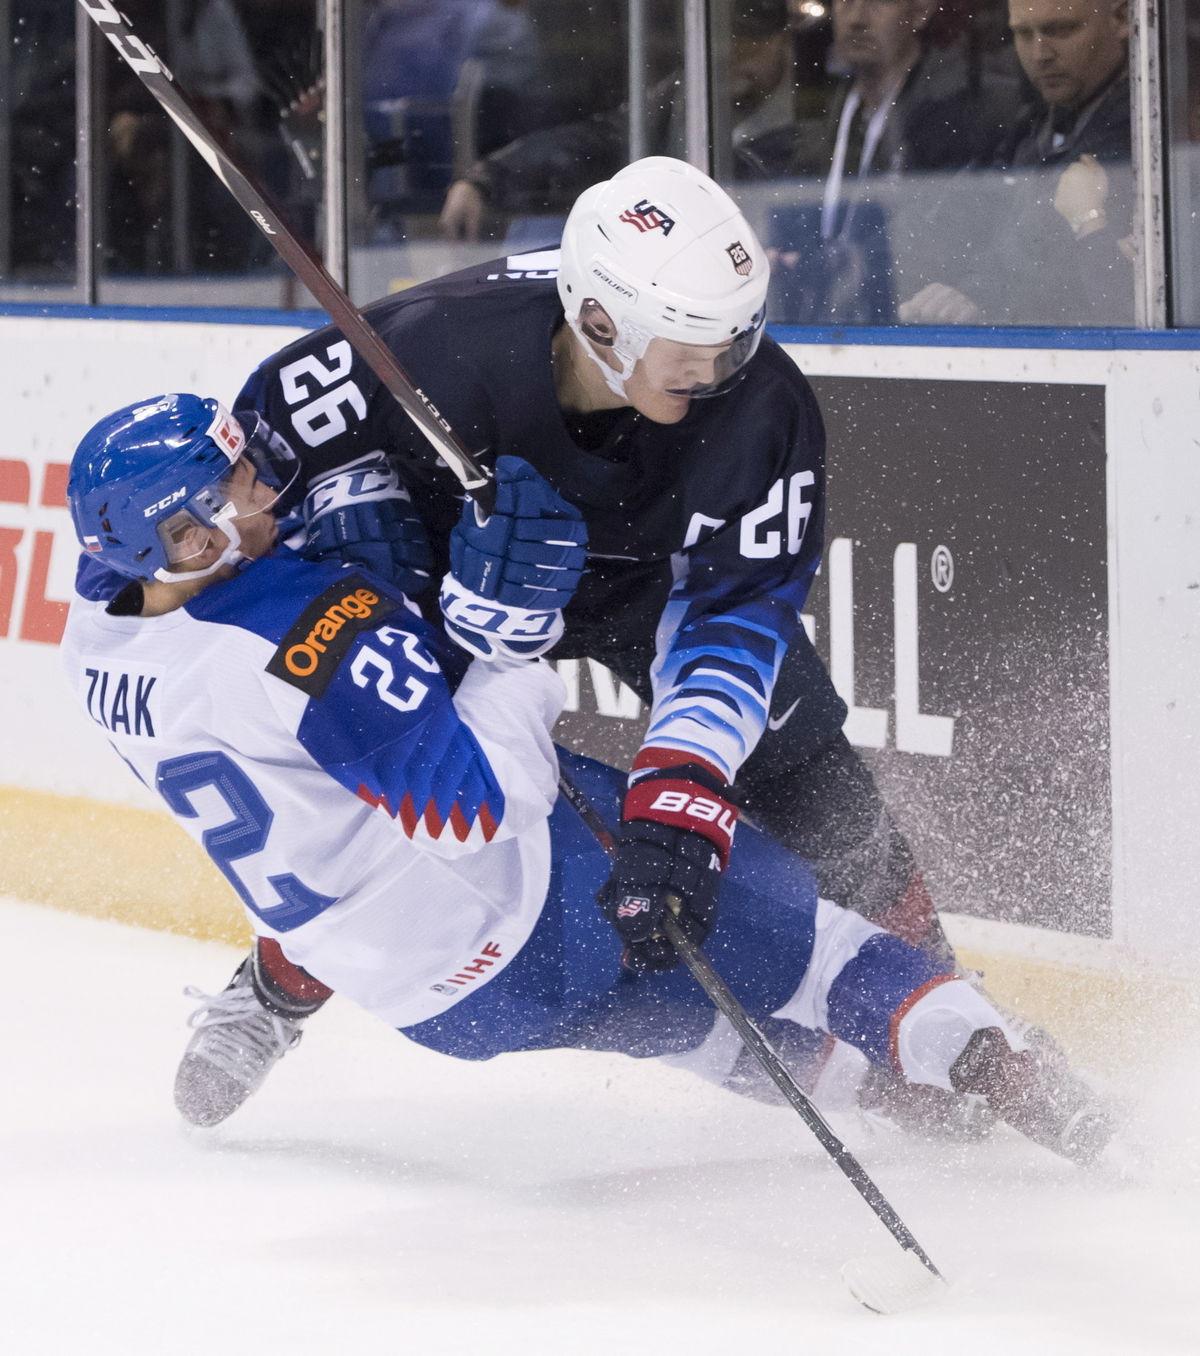 2ff009a17d5fc Slováci podali skvelý výkon, ale na USA to nestačilo. Prehrali o gól ...